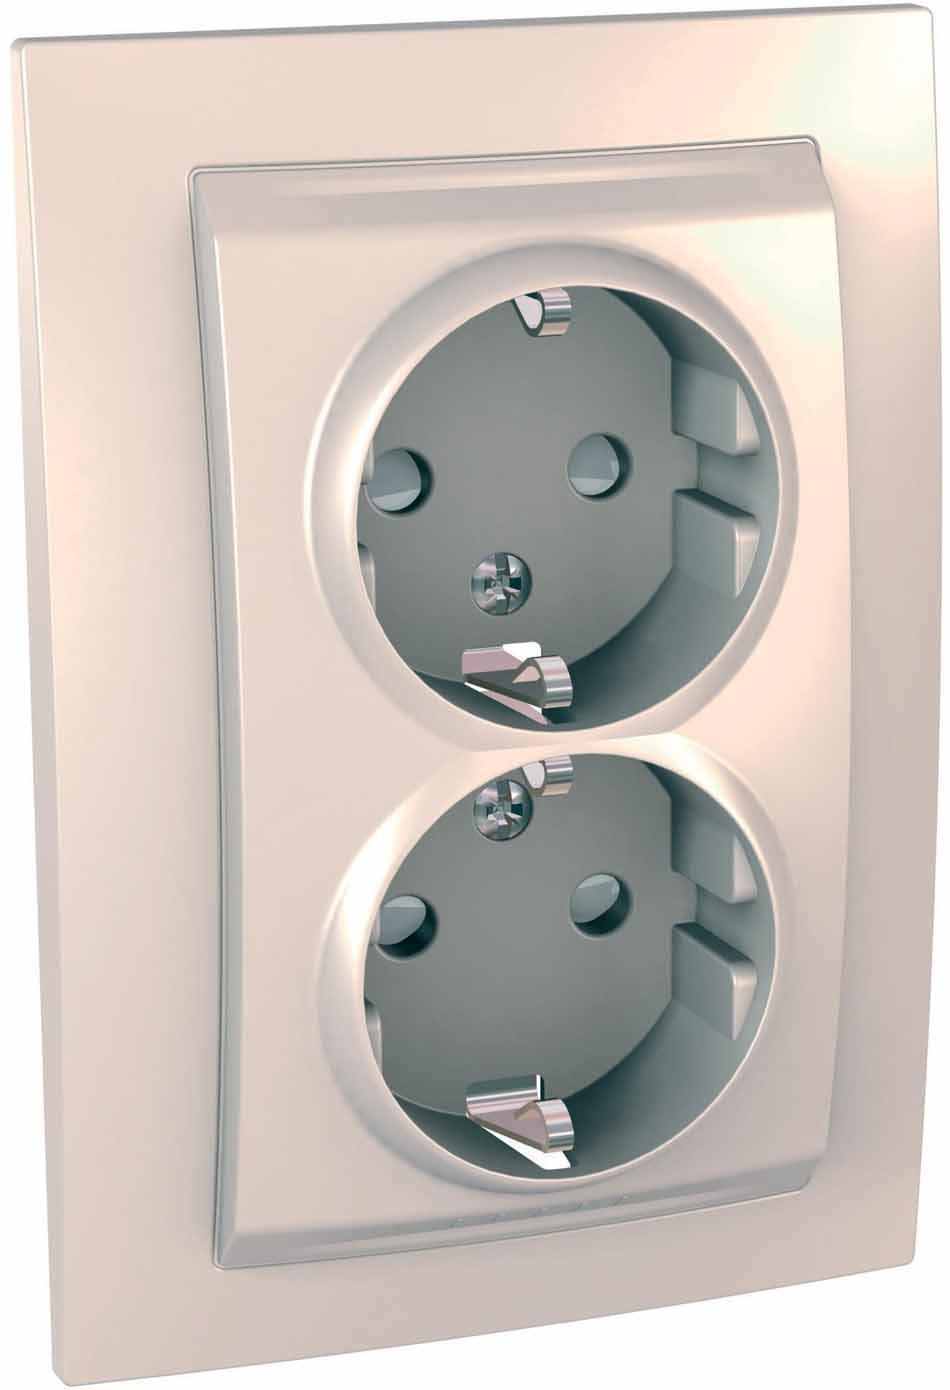 Розетка Schneider Electric Unica, двухместная, с заземлением, с защитными шторками, цвет: бежевый. MGU23.067.25D розетка abb bjb basic 55 шато 2 разъема с заземлением моноблок цвет чёрный